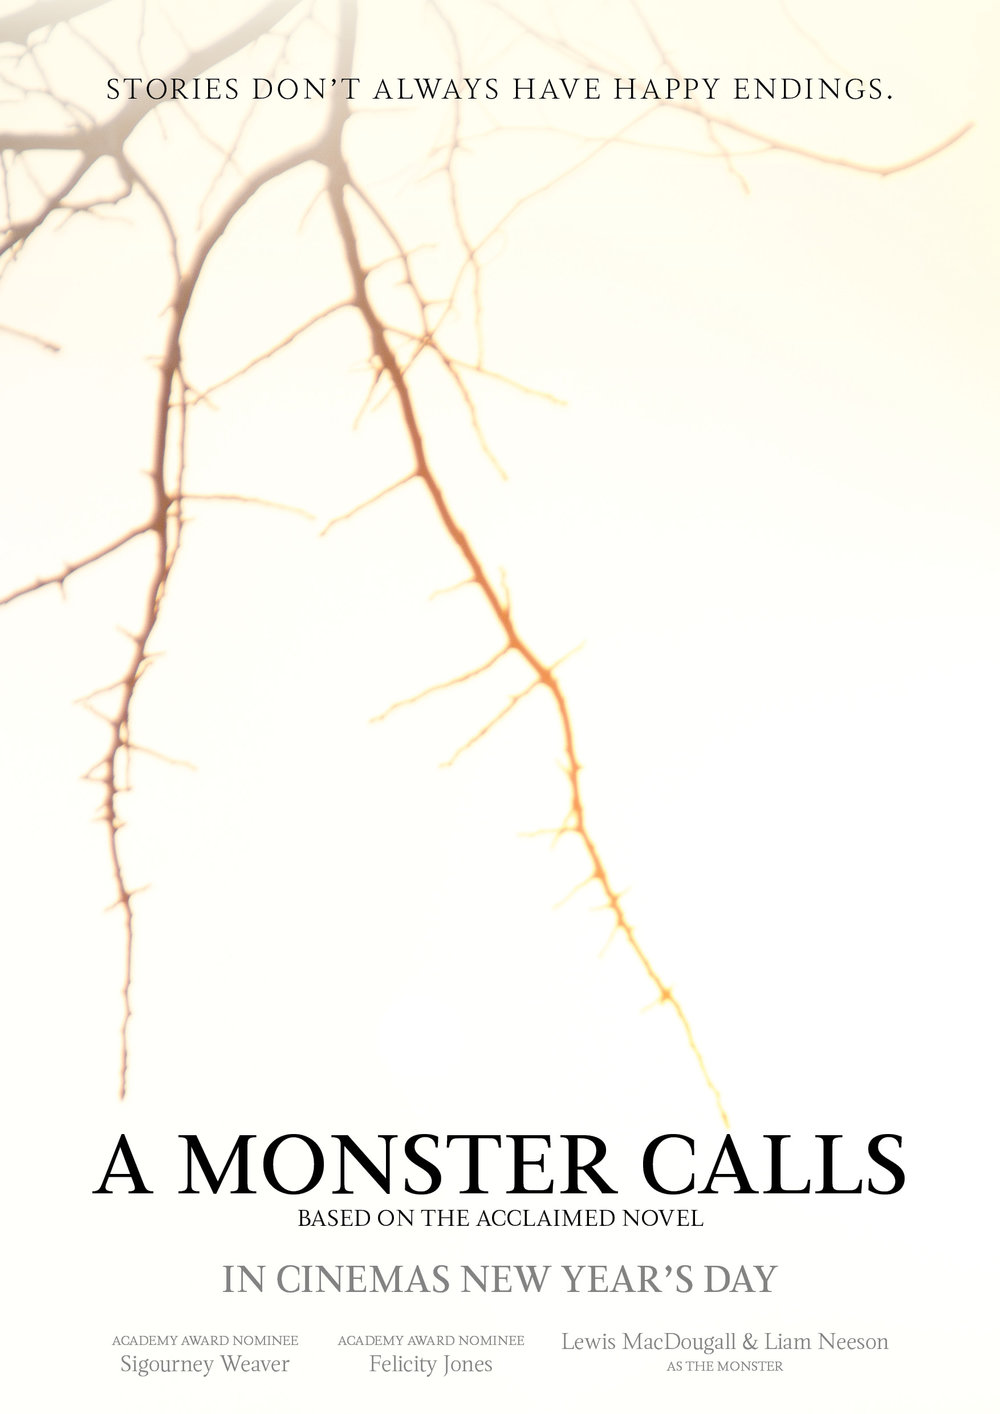 A Monster Calls - Posters_FINAL2.jpg